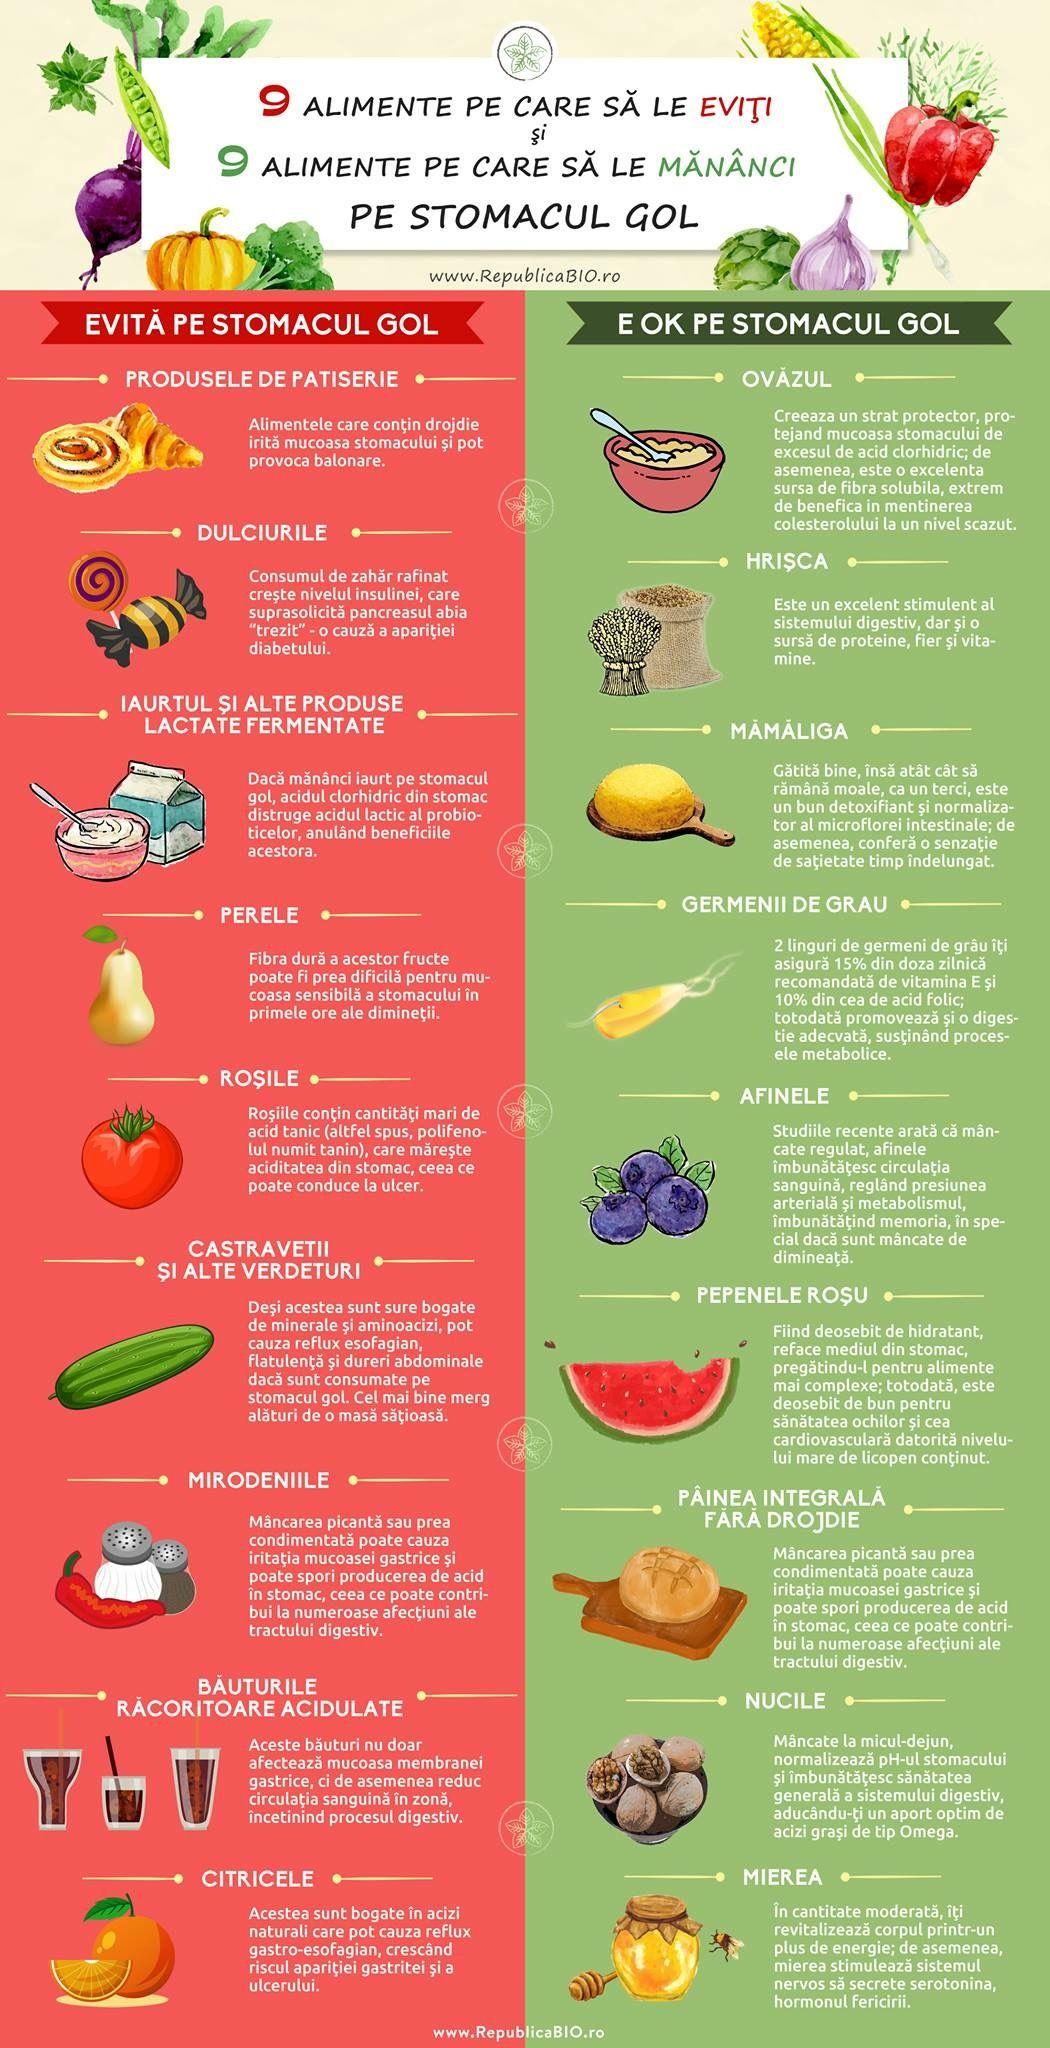 sfaturi pentru pierderea în greutate a stomacului 10 kg pierdere în greutate în 5 zile